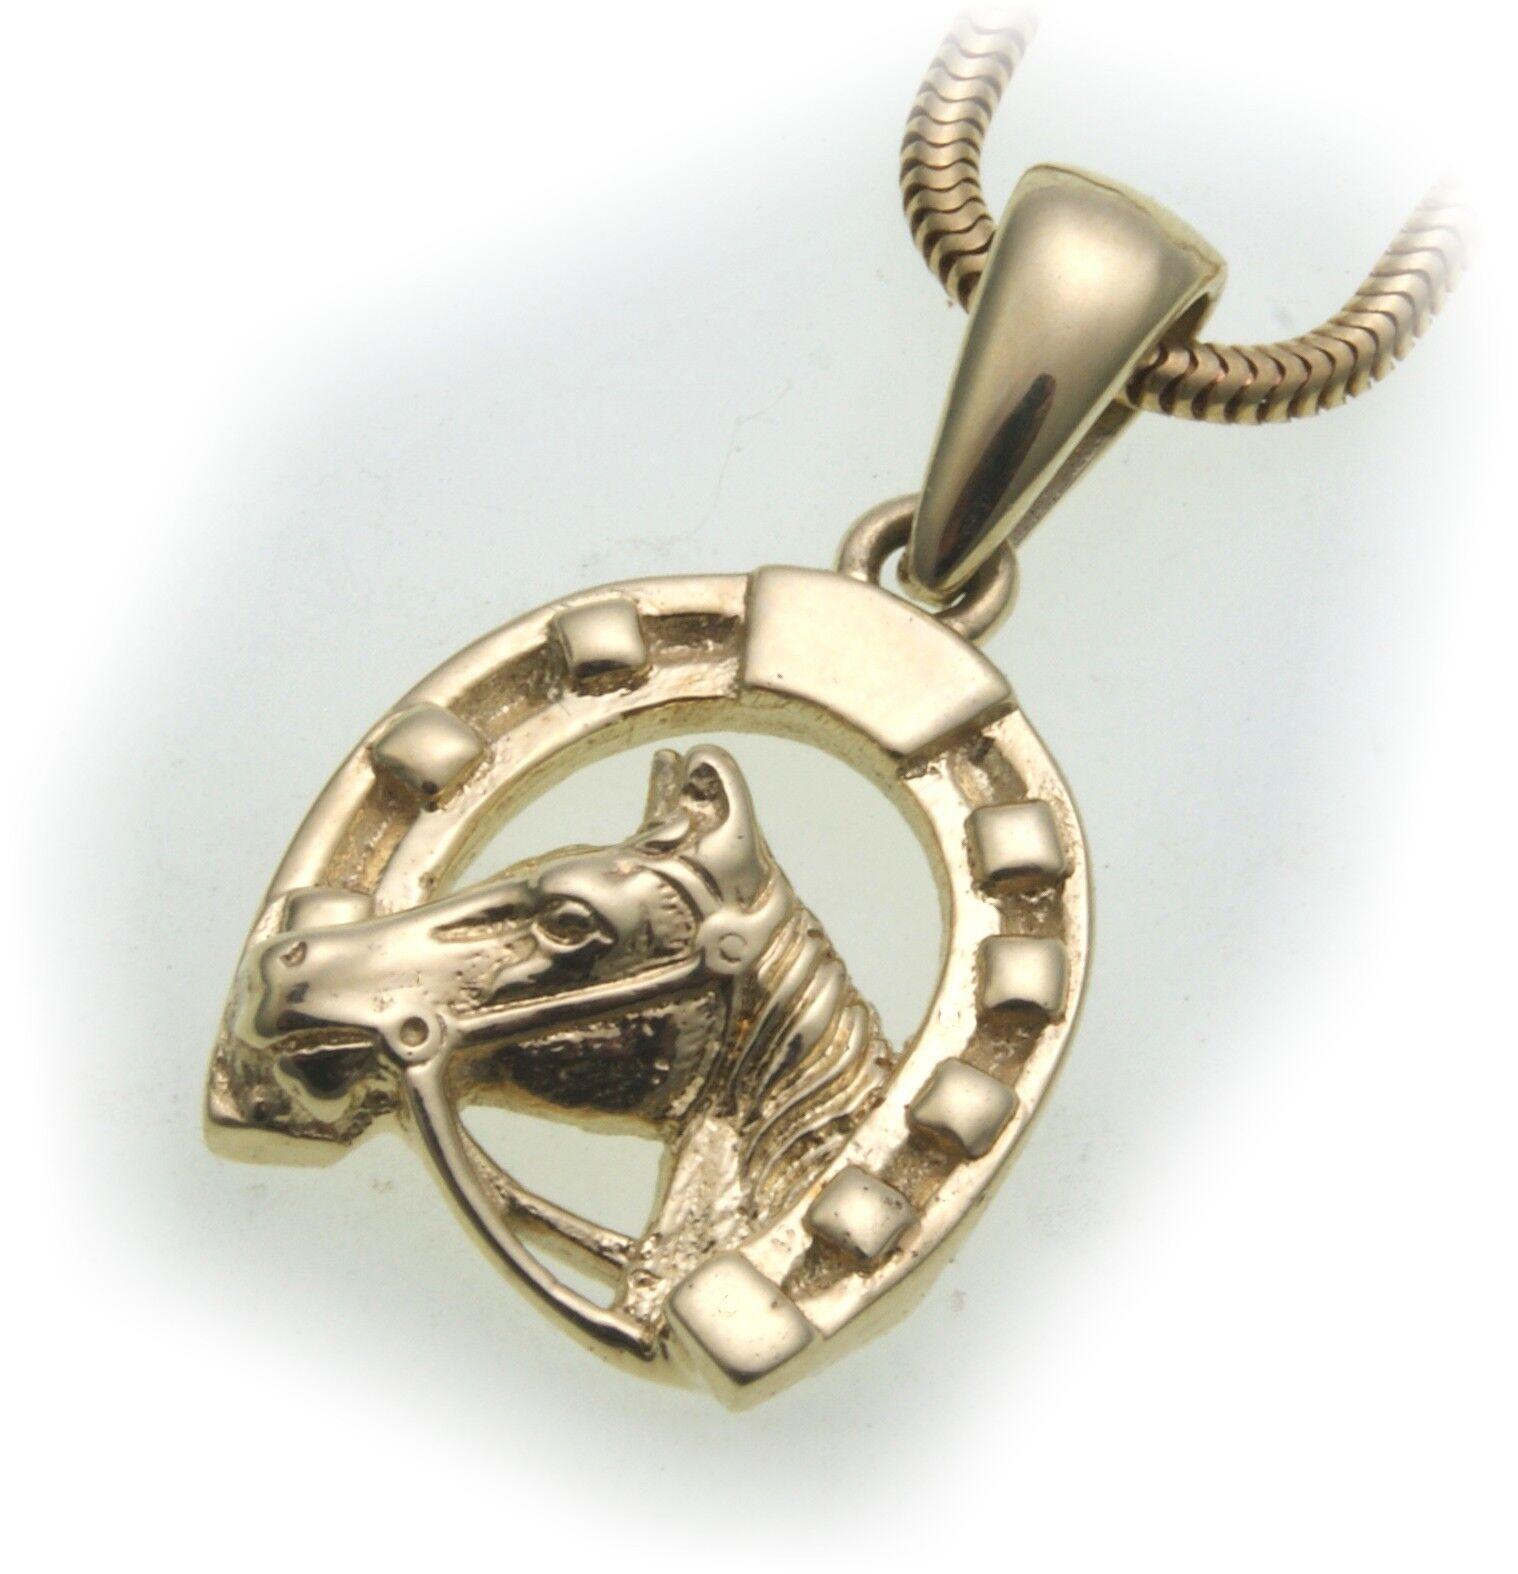 Pendant Horse Horseshoe Geniune gold 585 YELLOW gold SOLID Riding Unisex Horses